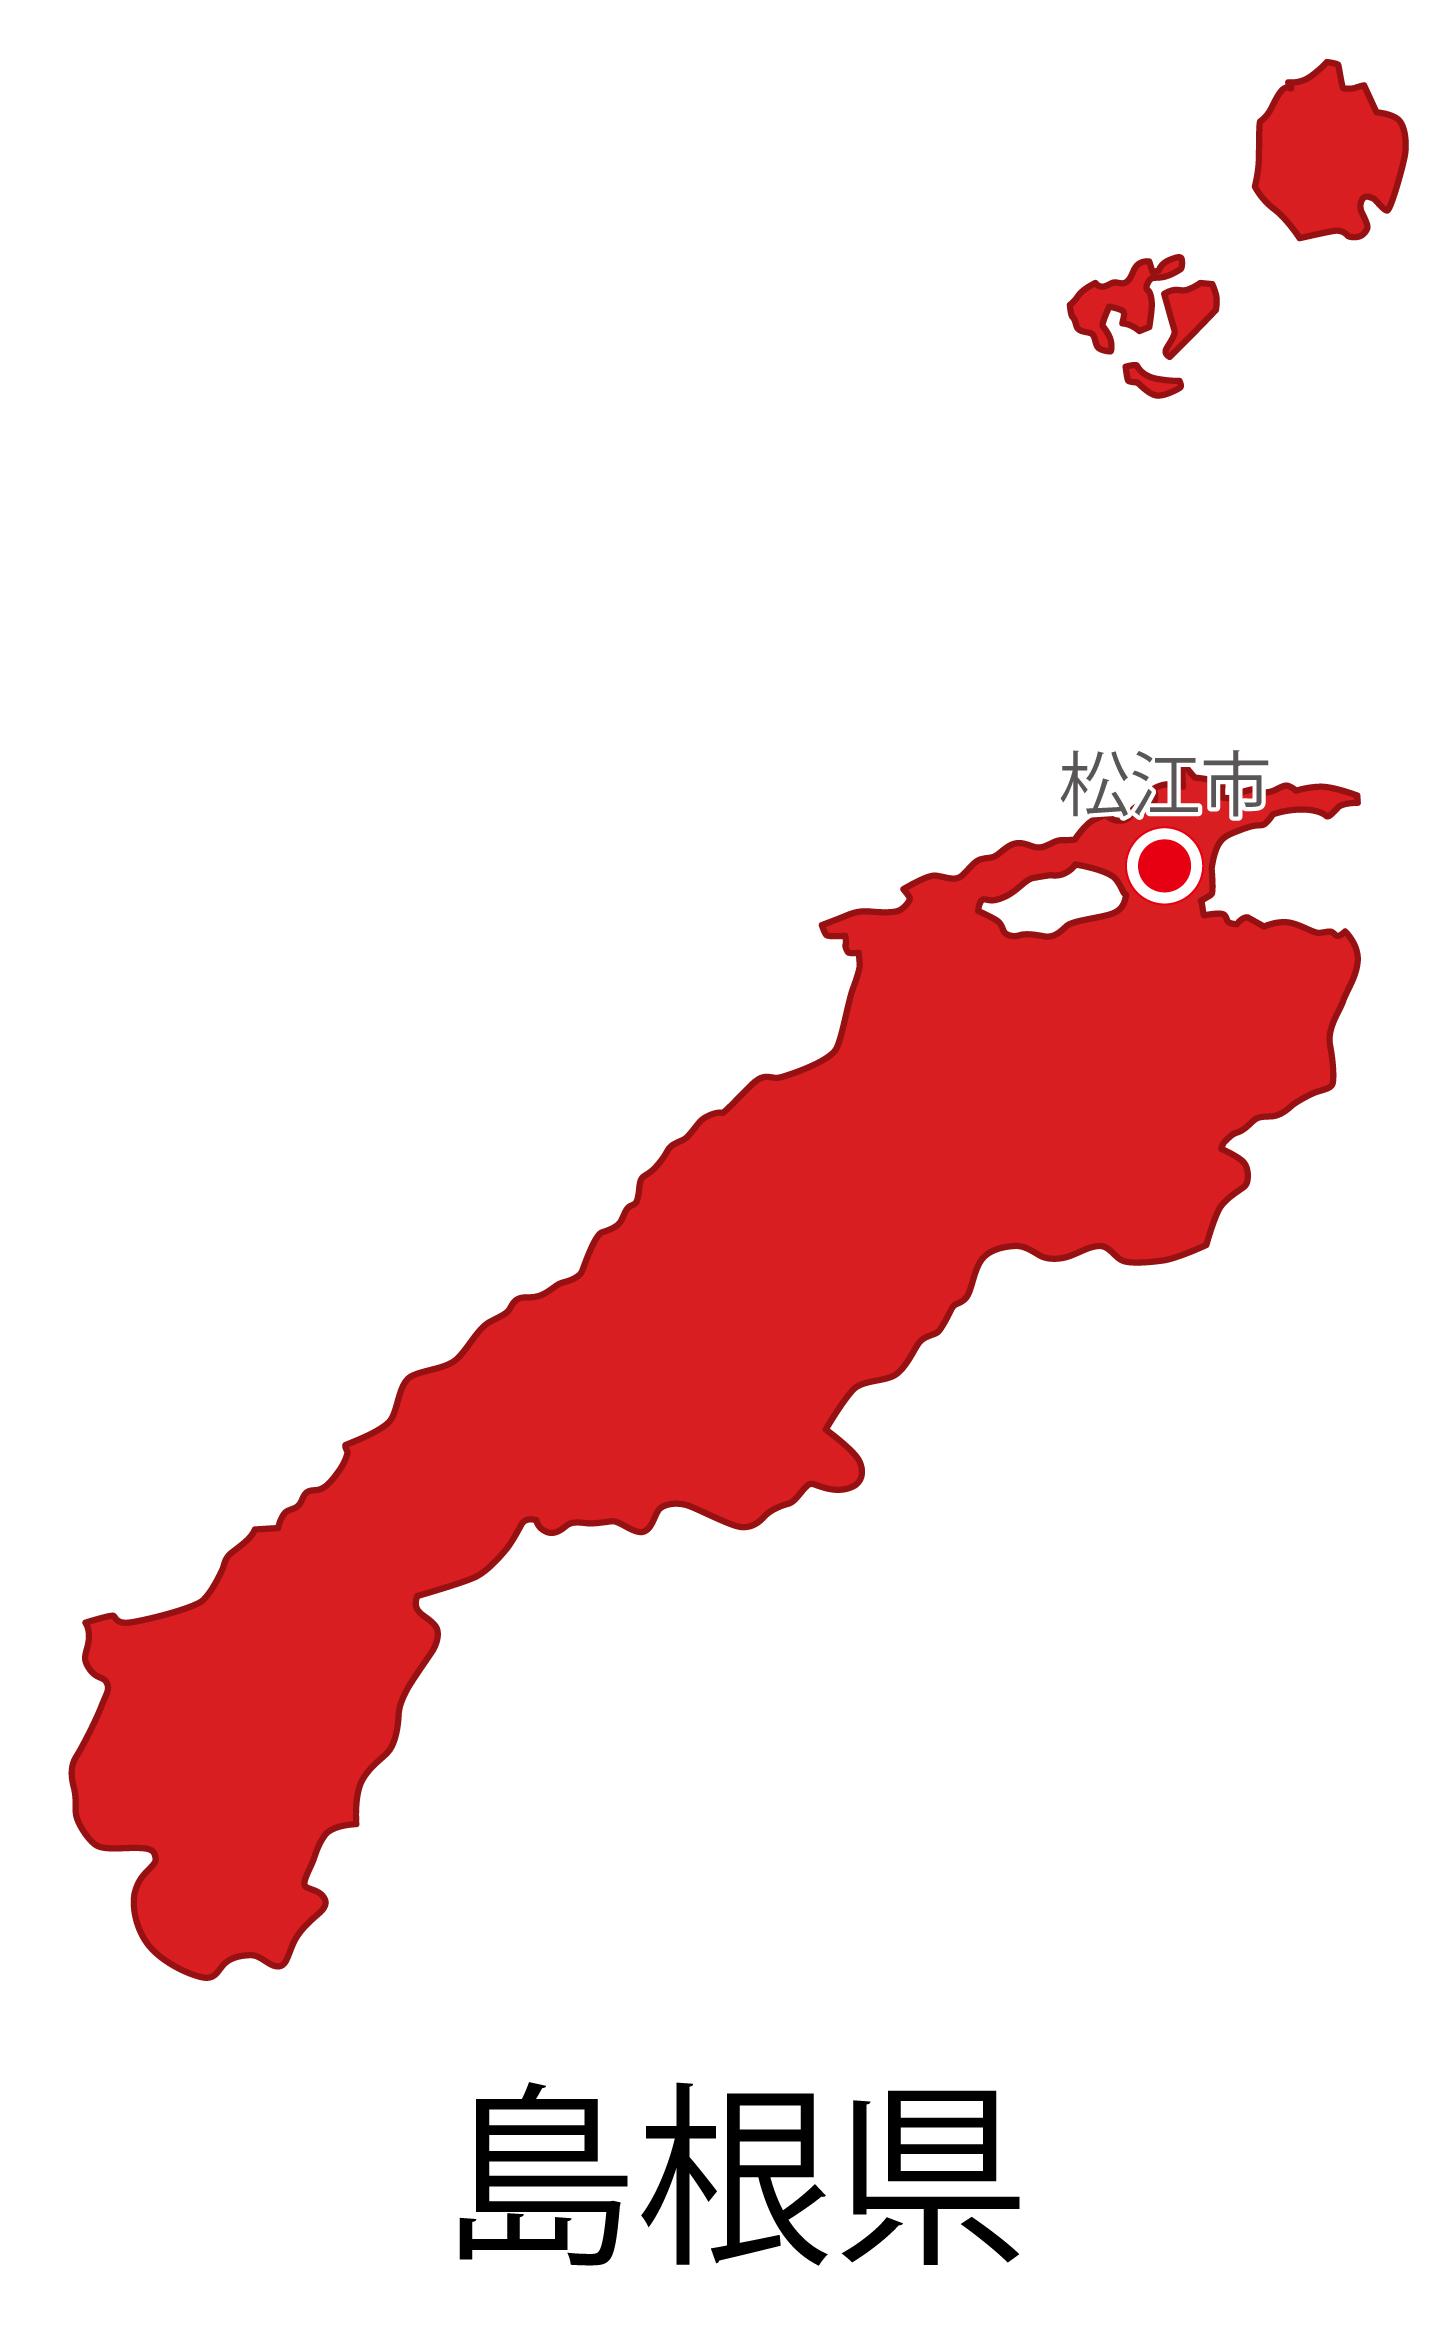 島根県無料フリーイラスト|日本語・都道府県名あり・県庁所在地あり(赤)